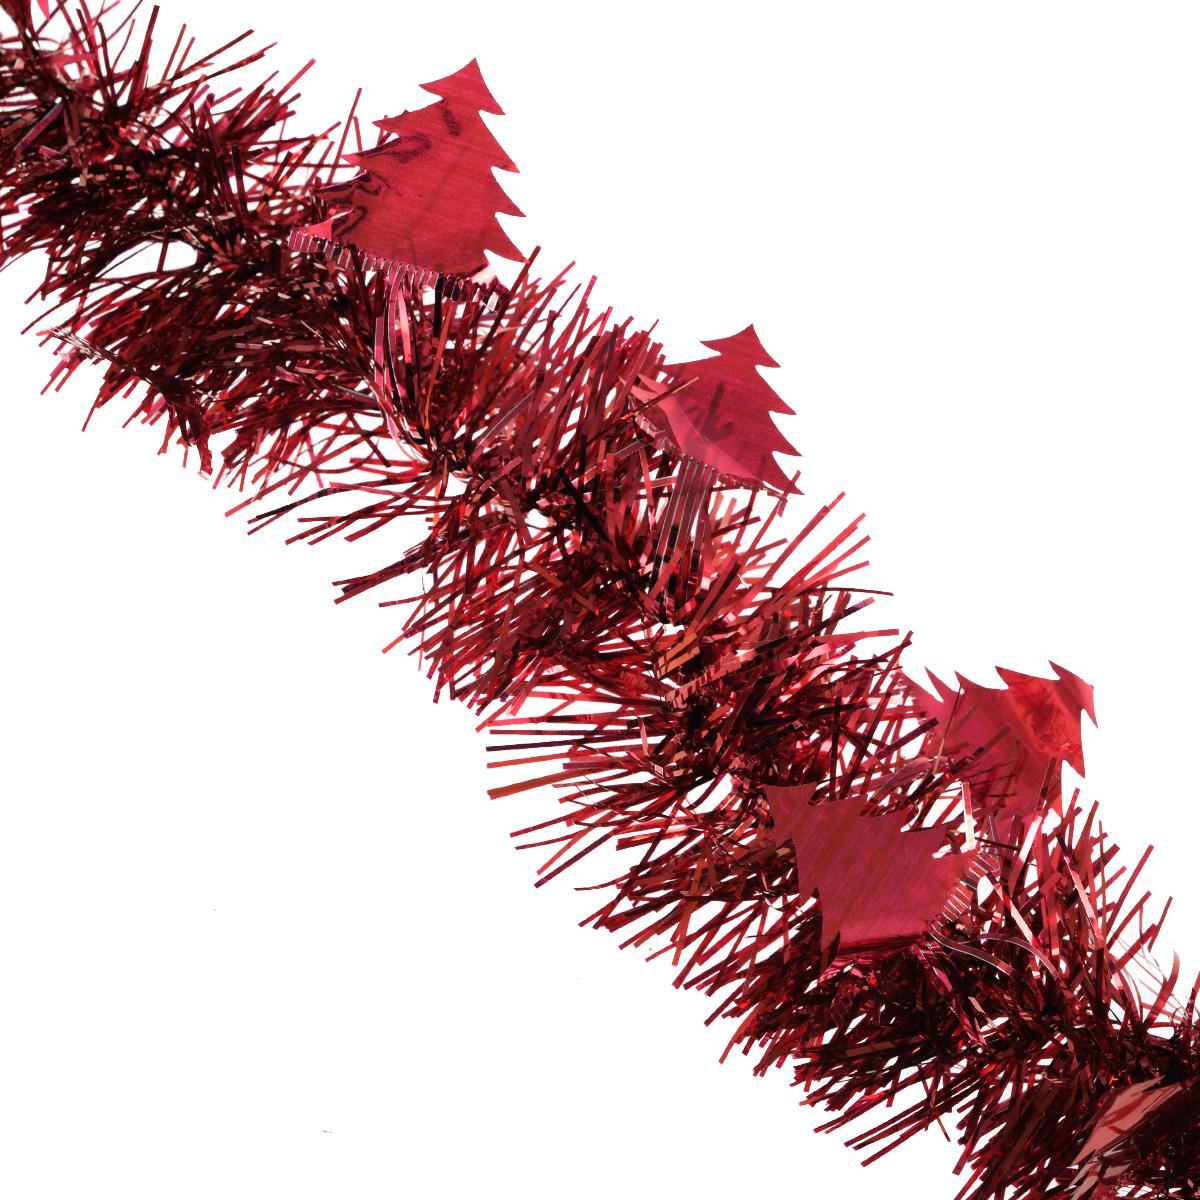 Мишура новогодняя Sima-land, цвет: красный, диаметр 8 см, длина 2 м. 702595 мишура новогодняя sima land цвет золотистый красный диаметр 7 см длина 2 м 279377